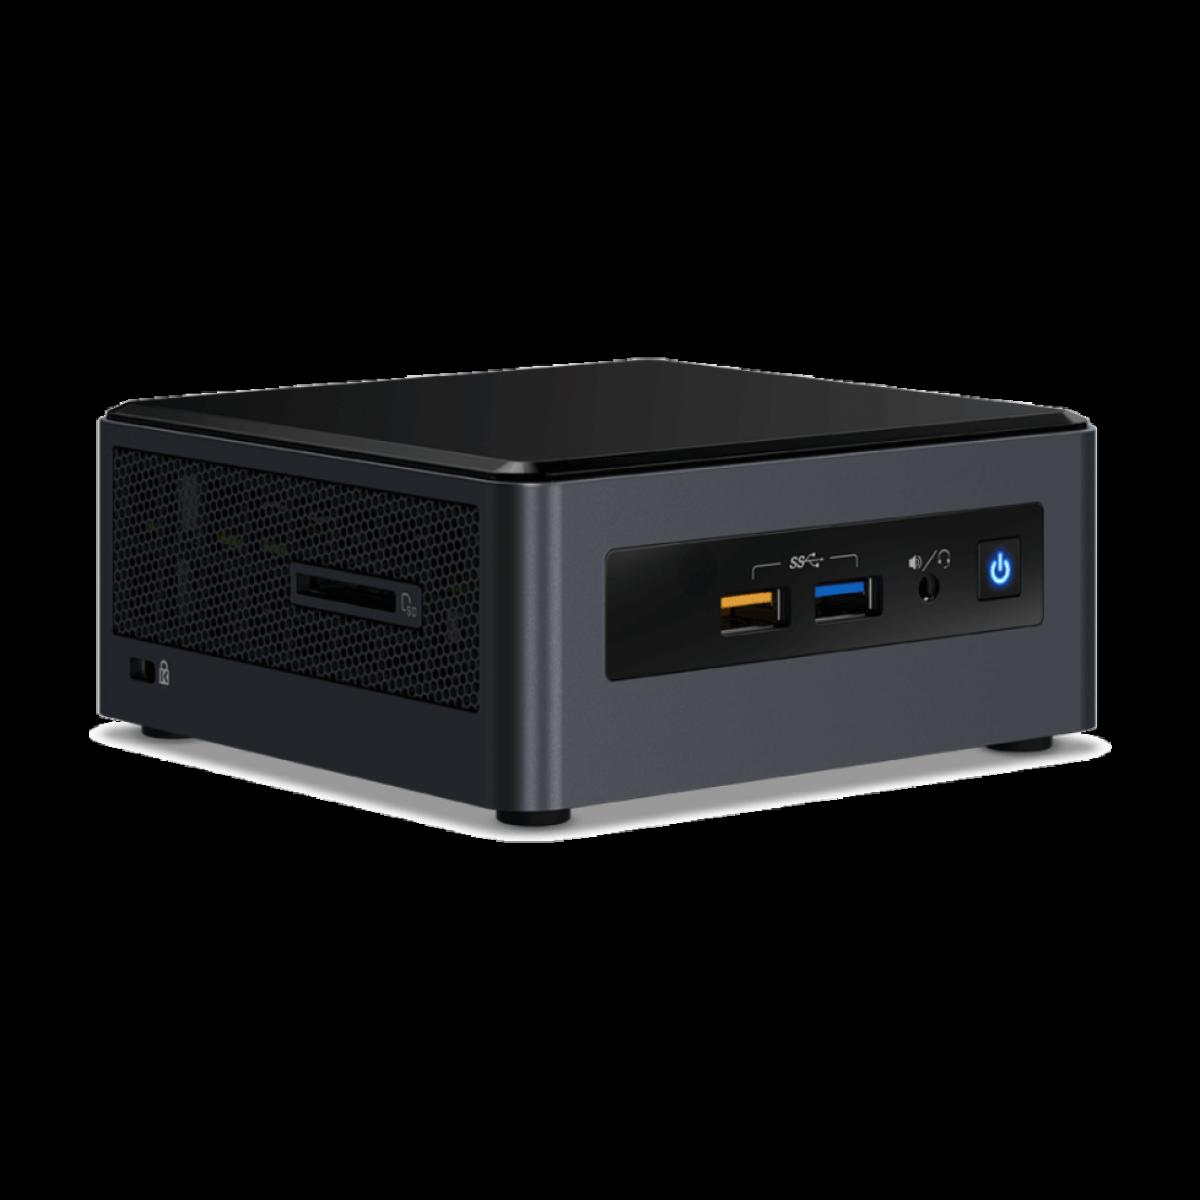 Namizni računalnik INTEL NUC MINI RAčUNALNIK - I3